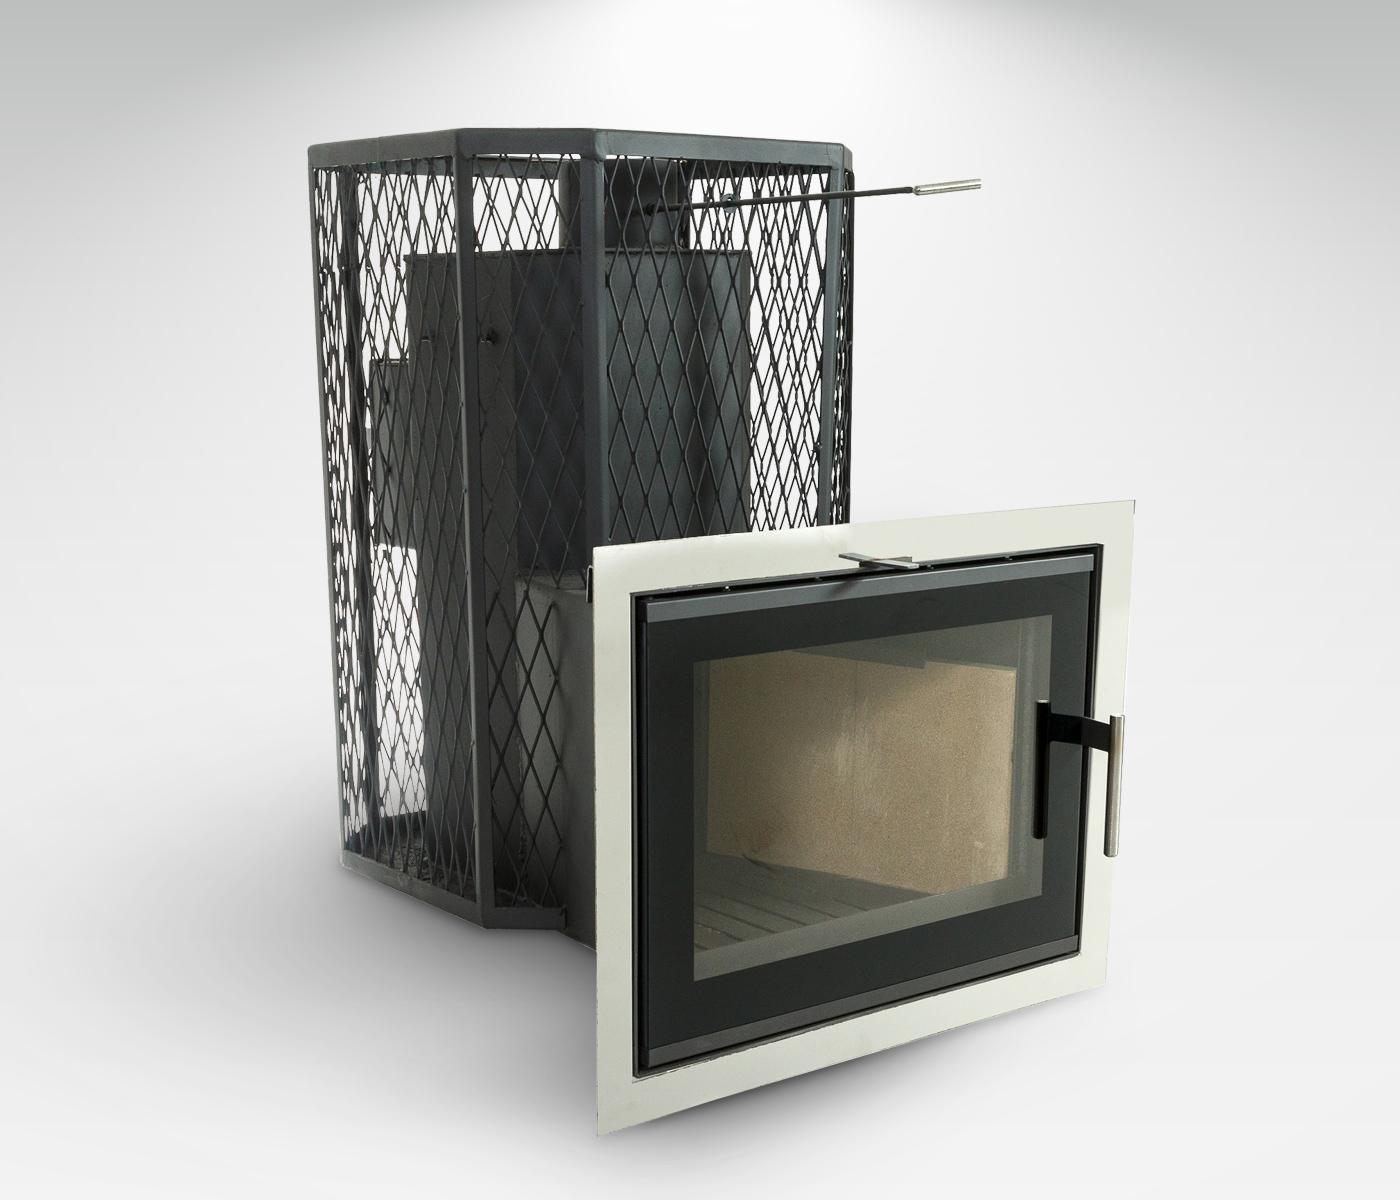 Pirts krāsns Gaiziņš 20/30m³ Plazma NTR ar tvaika ģeneratoru